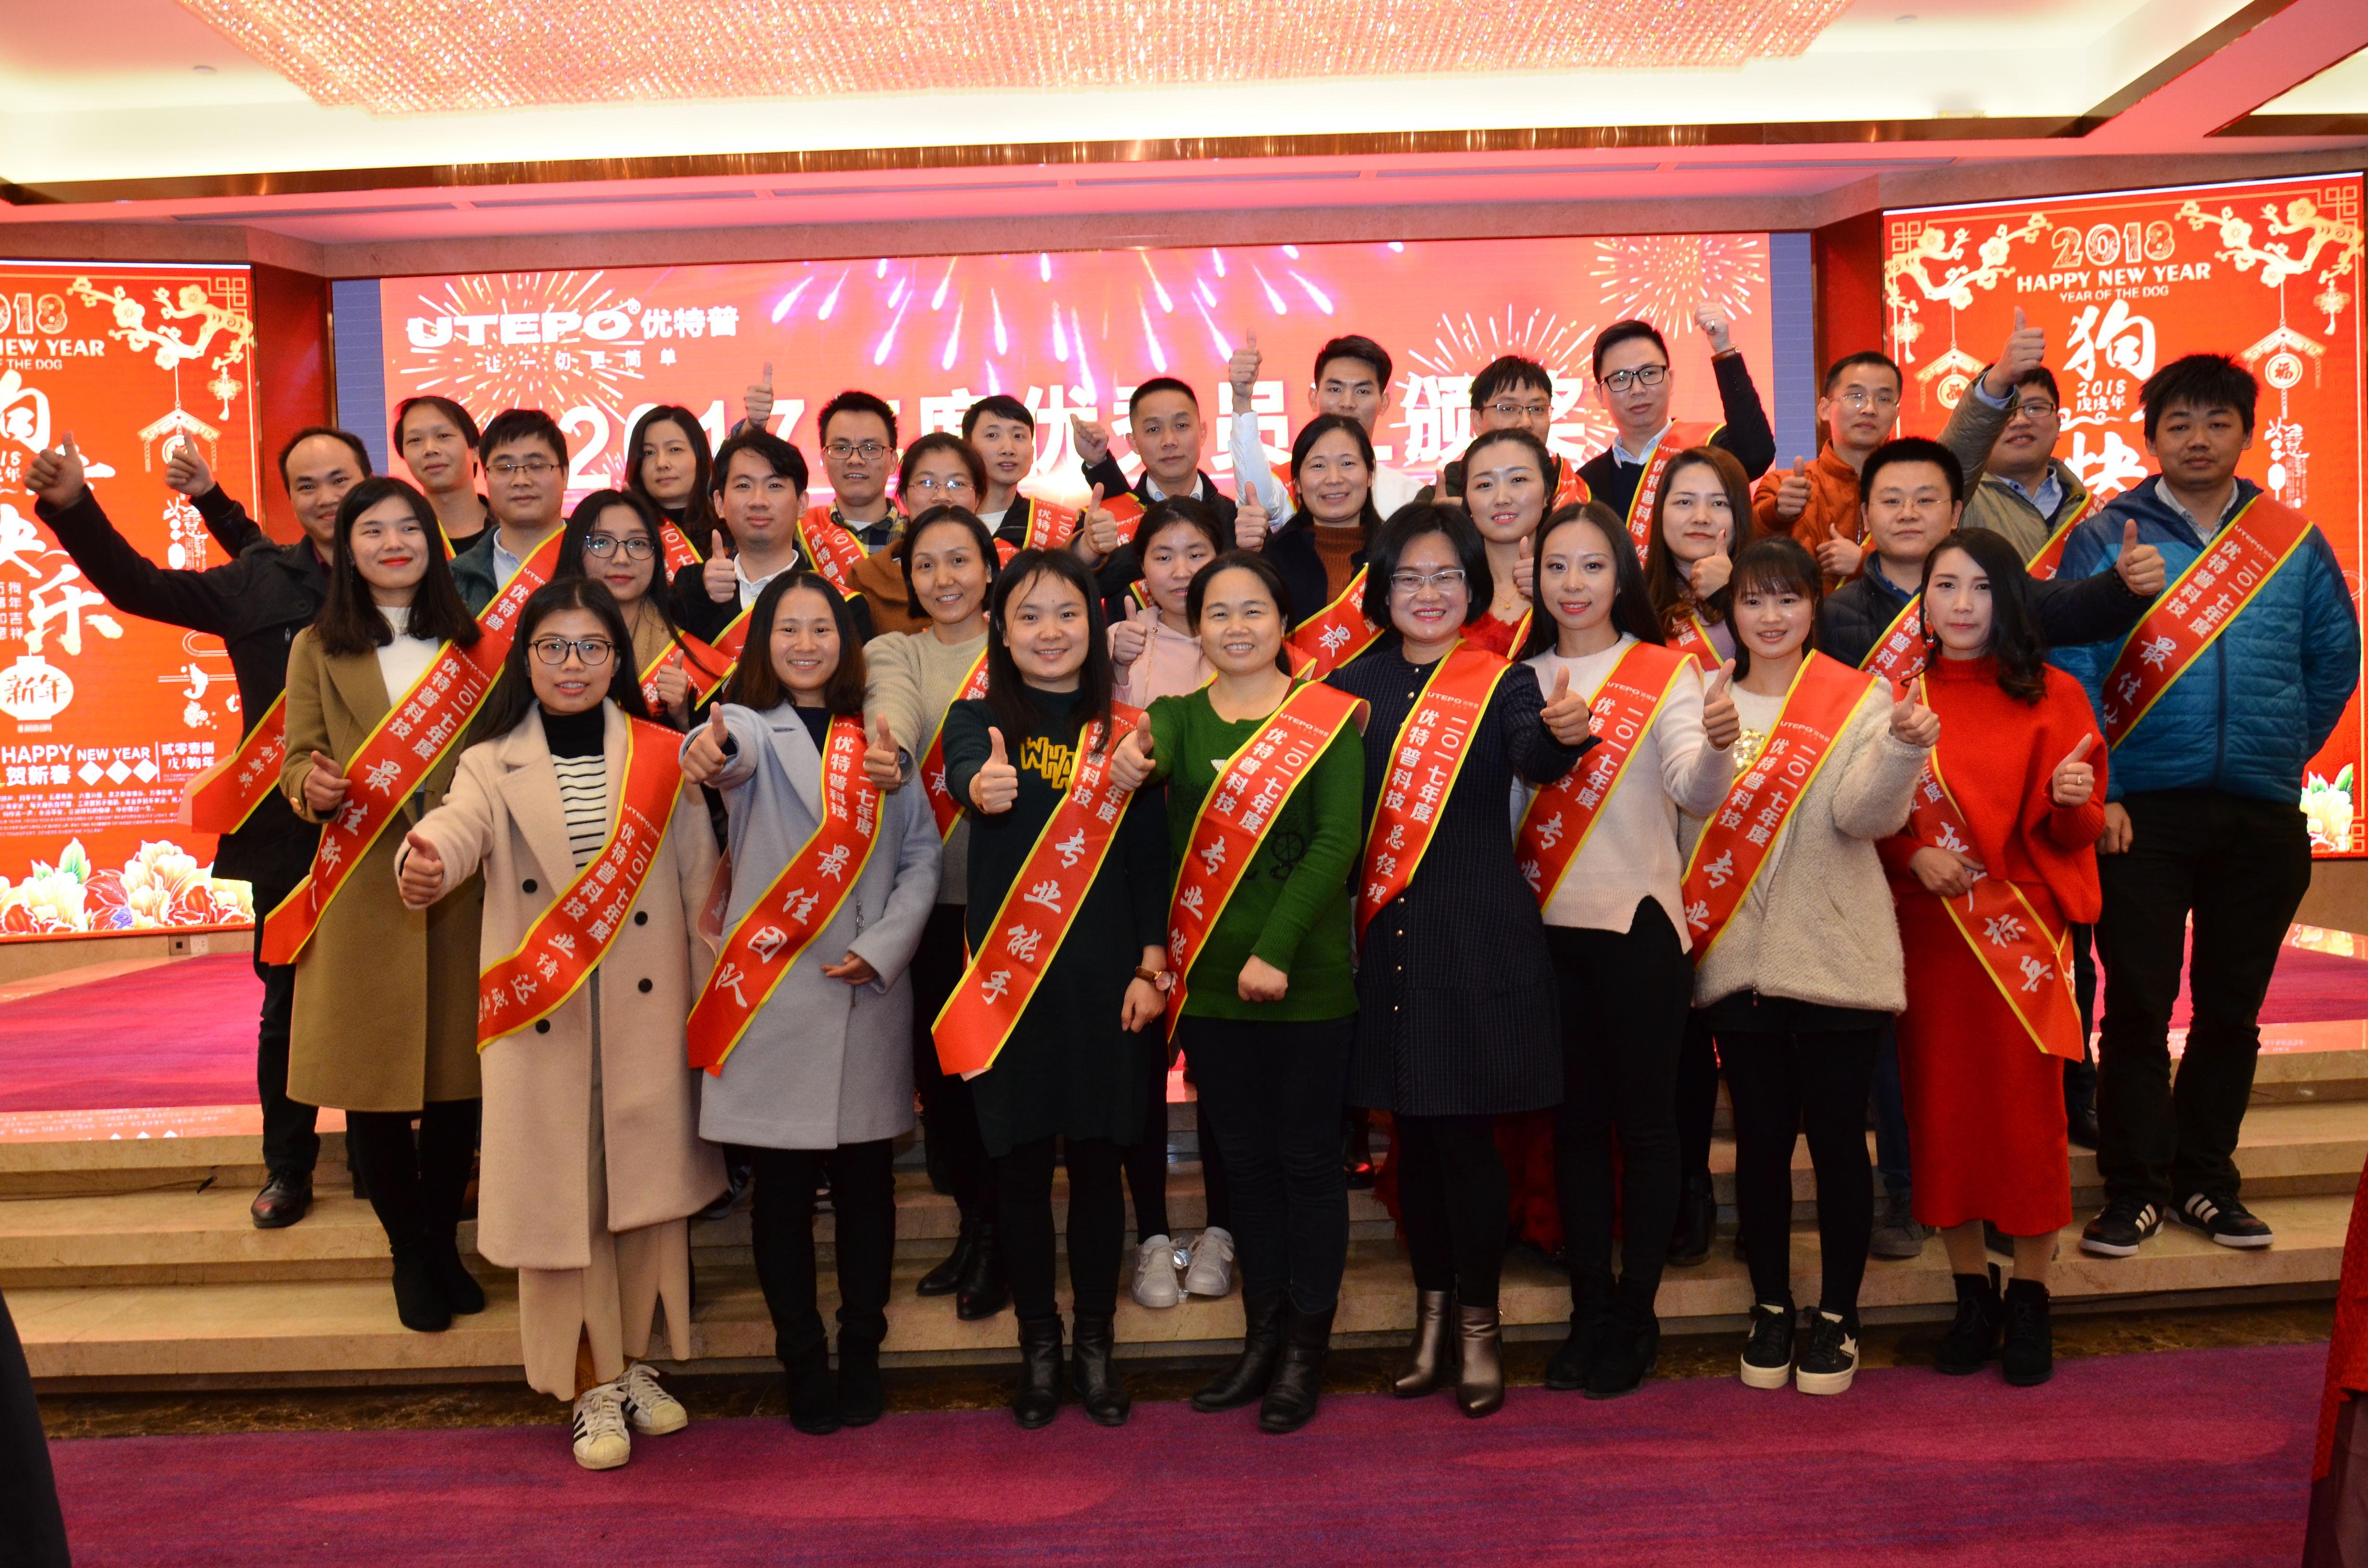 优特普2017年度表彰大会暨2018迎春年会